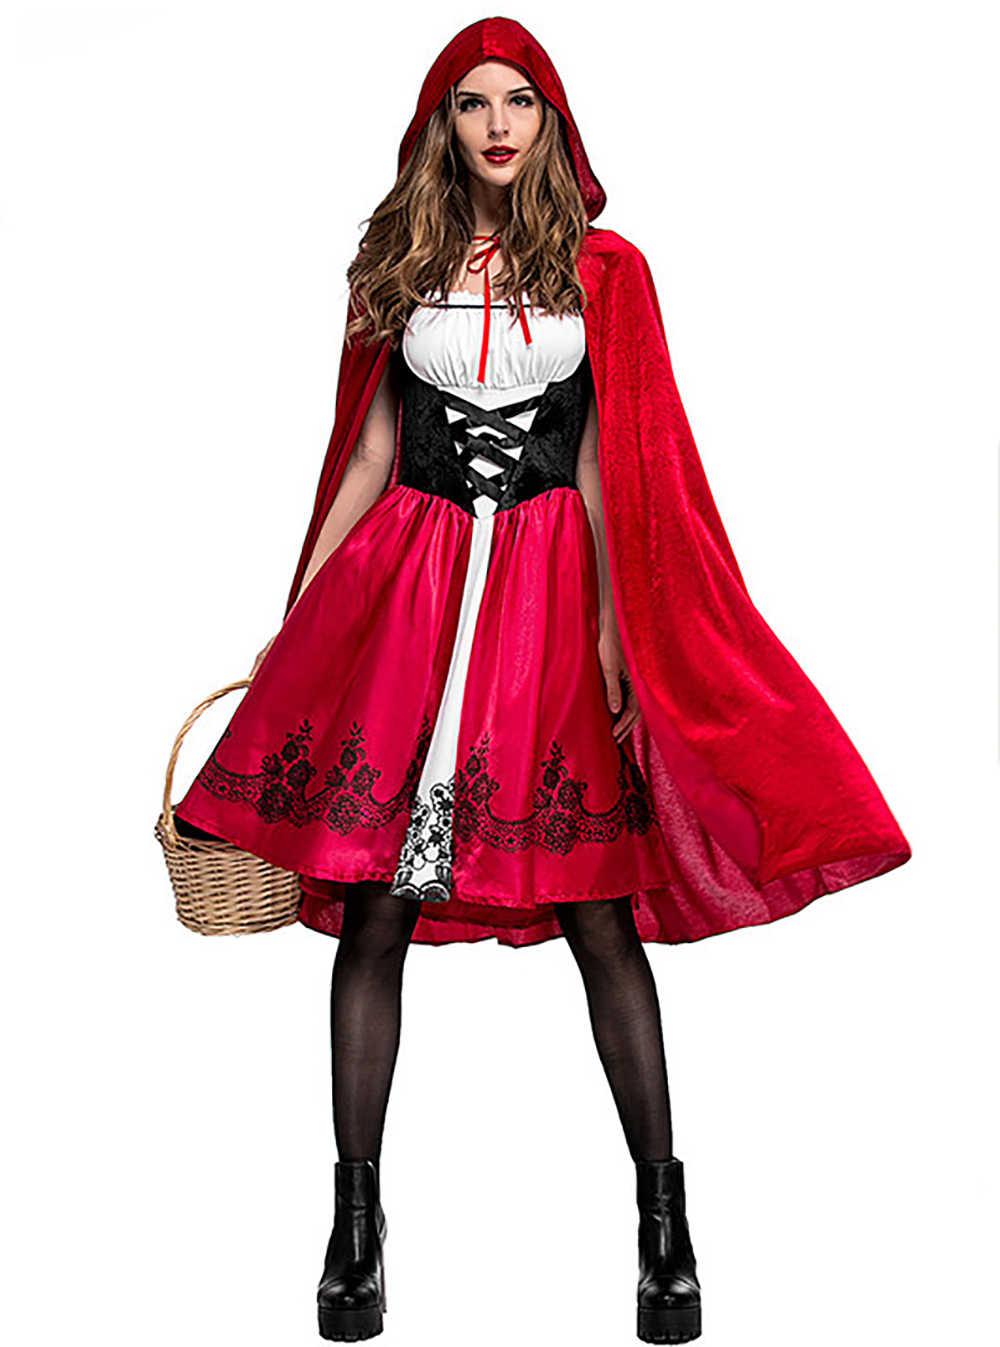 Nombre Caperucita Roja Version Porno disfraz de caperucita roja de talla grande 3xl para mujer, vestido de halloween para adulto elegante y capa, trajes de cosplay para fiesta